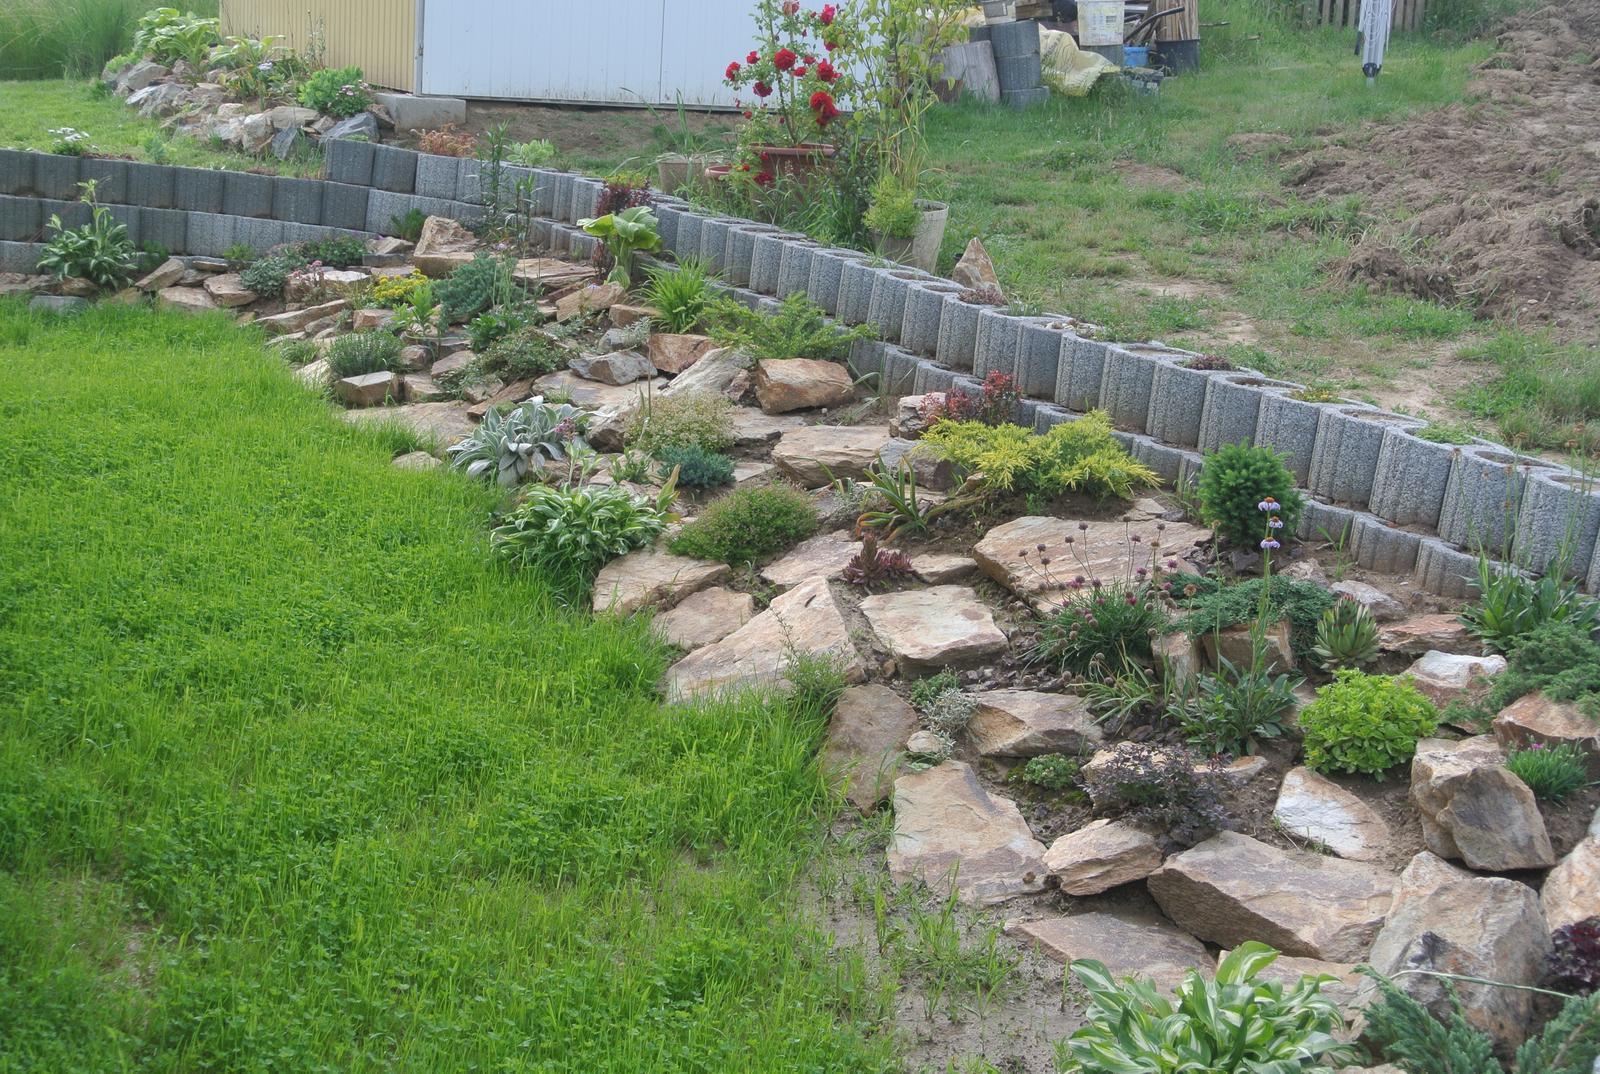 Budujeme okrasnú aj úžitkovú záhradu - Obrázok č. 1